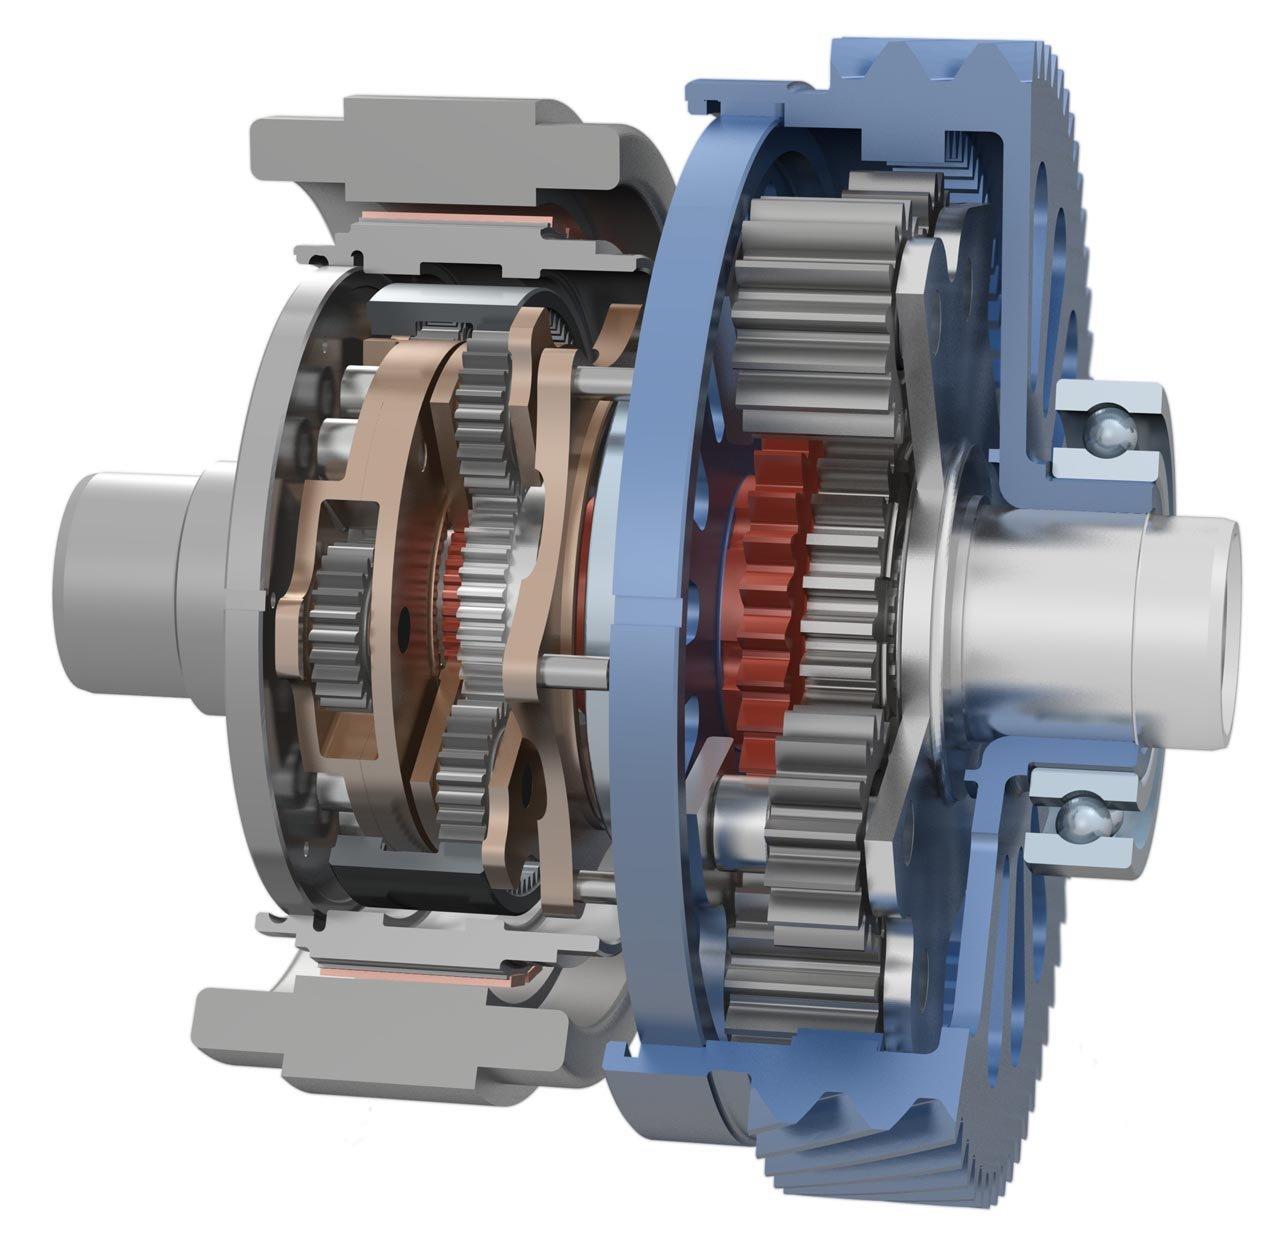 Das für den Elektroantrieb optimierte Torque-Vectoring-Getriebe im Visio.M.